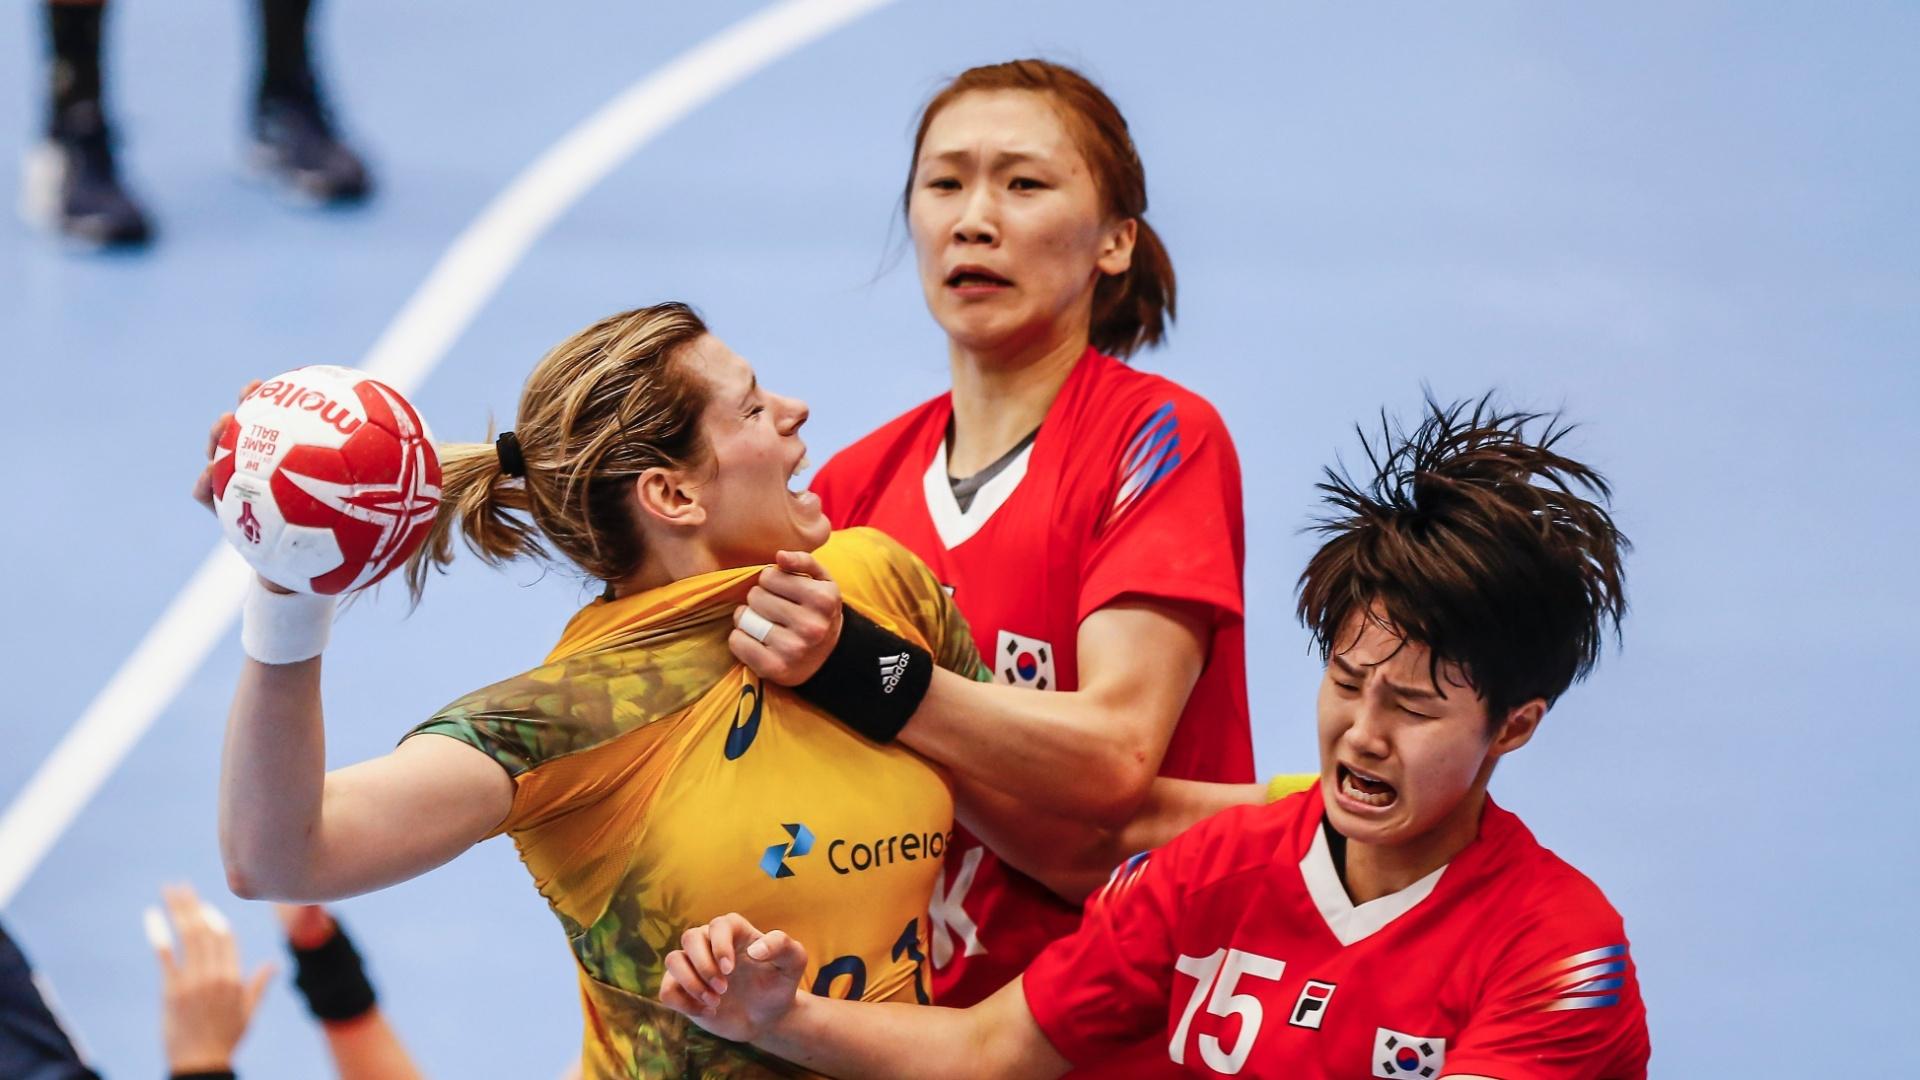 7aae8ee287 Deonise é agarrada pela sul-coreanas ao tentar arremesso na estreia do  Brasil